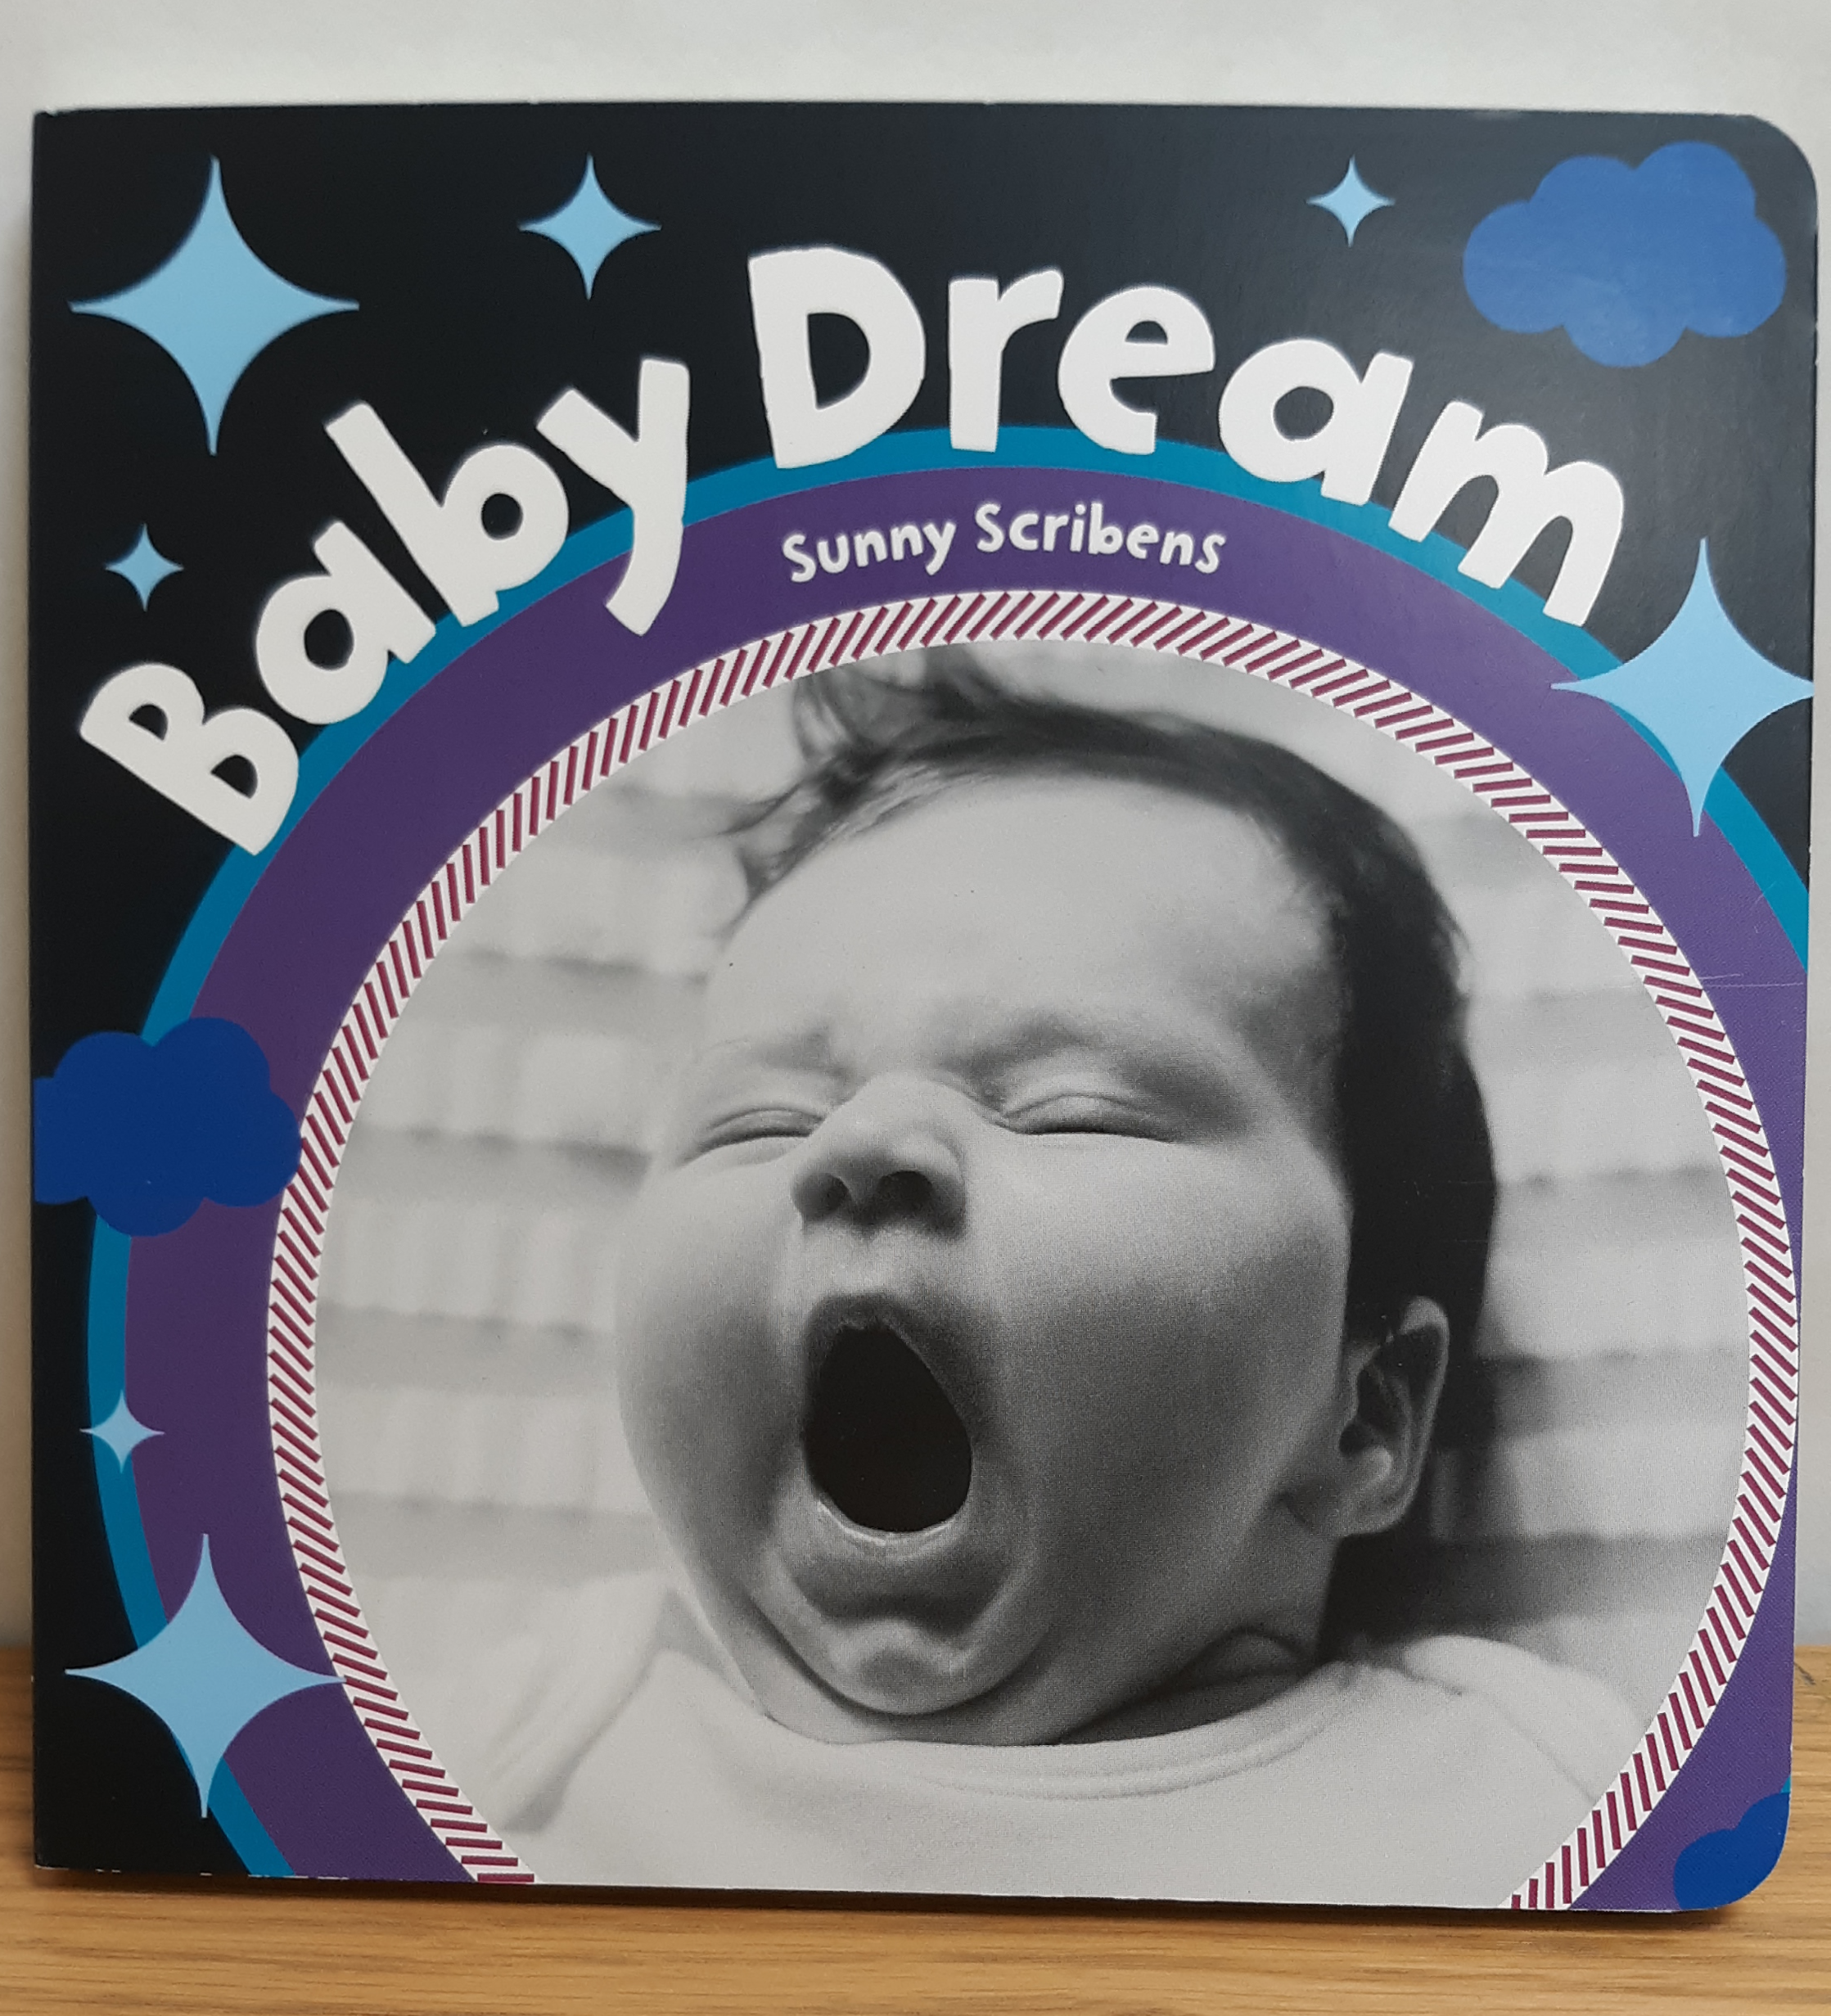 https://0201.nccdn.net/1_2/000/000/105/9e0/baby-dream.png